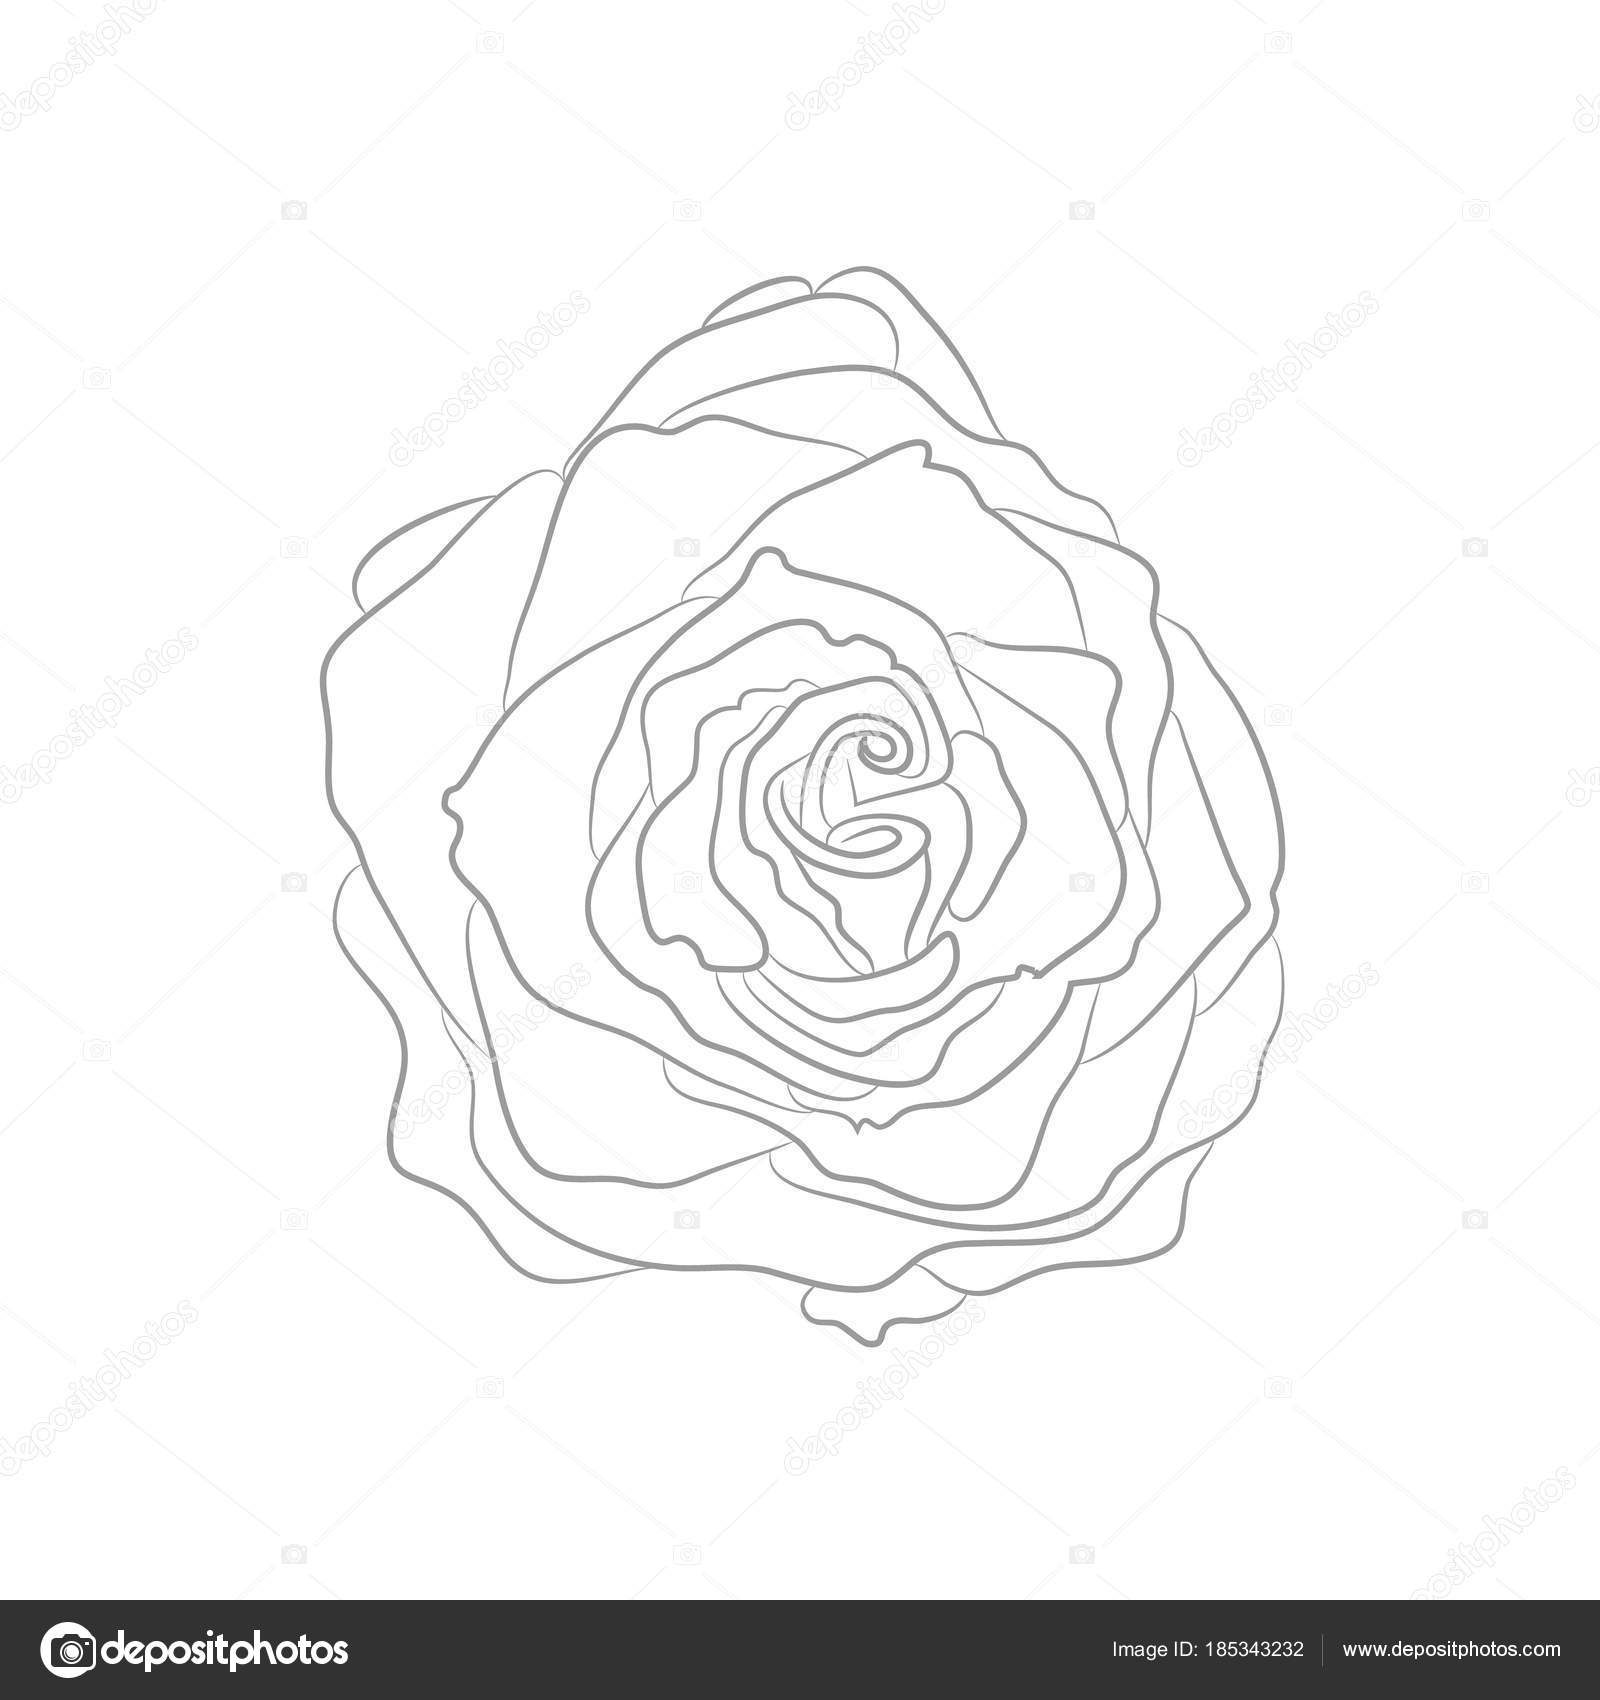 Vektor-Zeichenprogramm Kontur Rose für Malbuch — Stockvektor ...